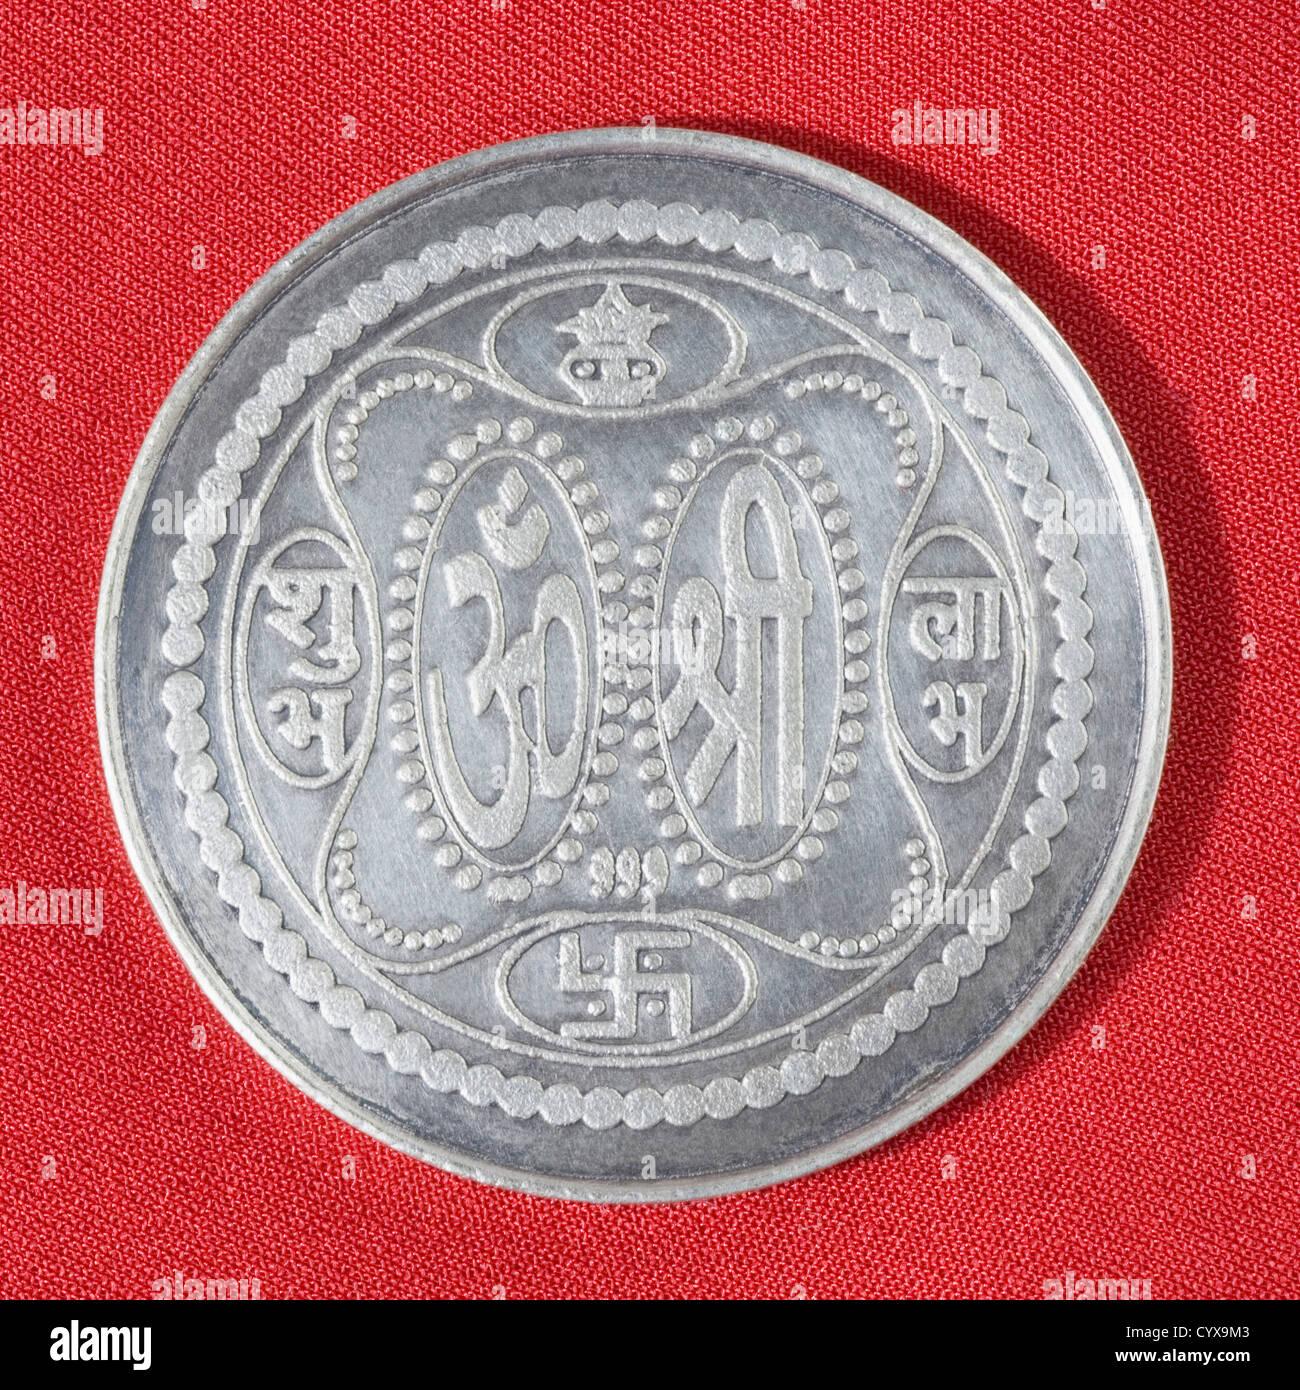 Indian Silver Coin Stock Photos & Indian Silver Coin Stock